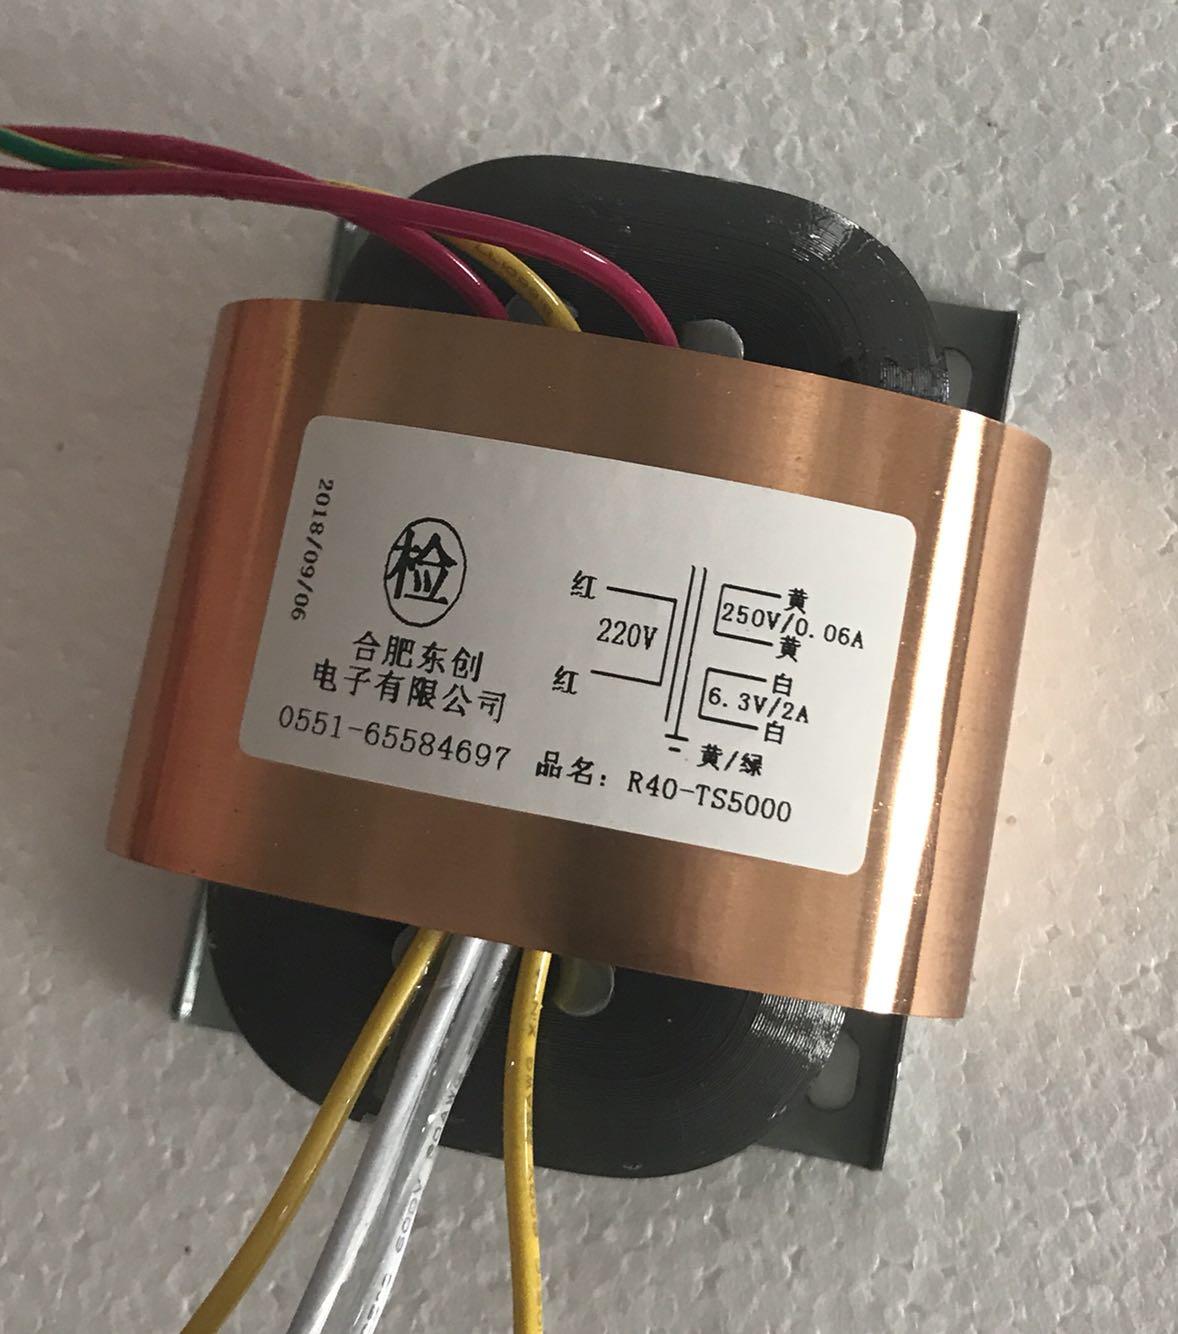 250V 0.06A 6.3V 2A R Core Transformer 50VA R40 custom transformer 220V copper shield output for Pre-decoder Power amplifier цена